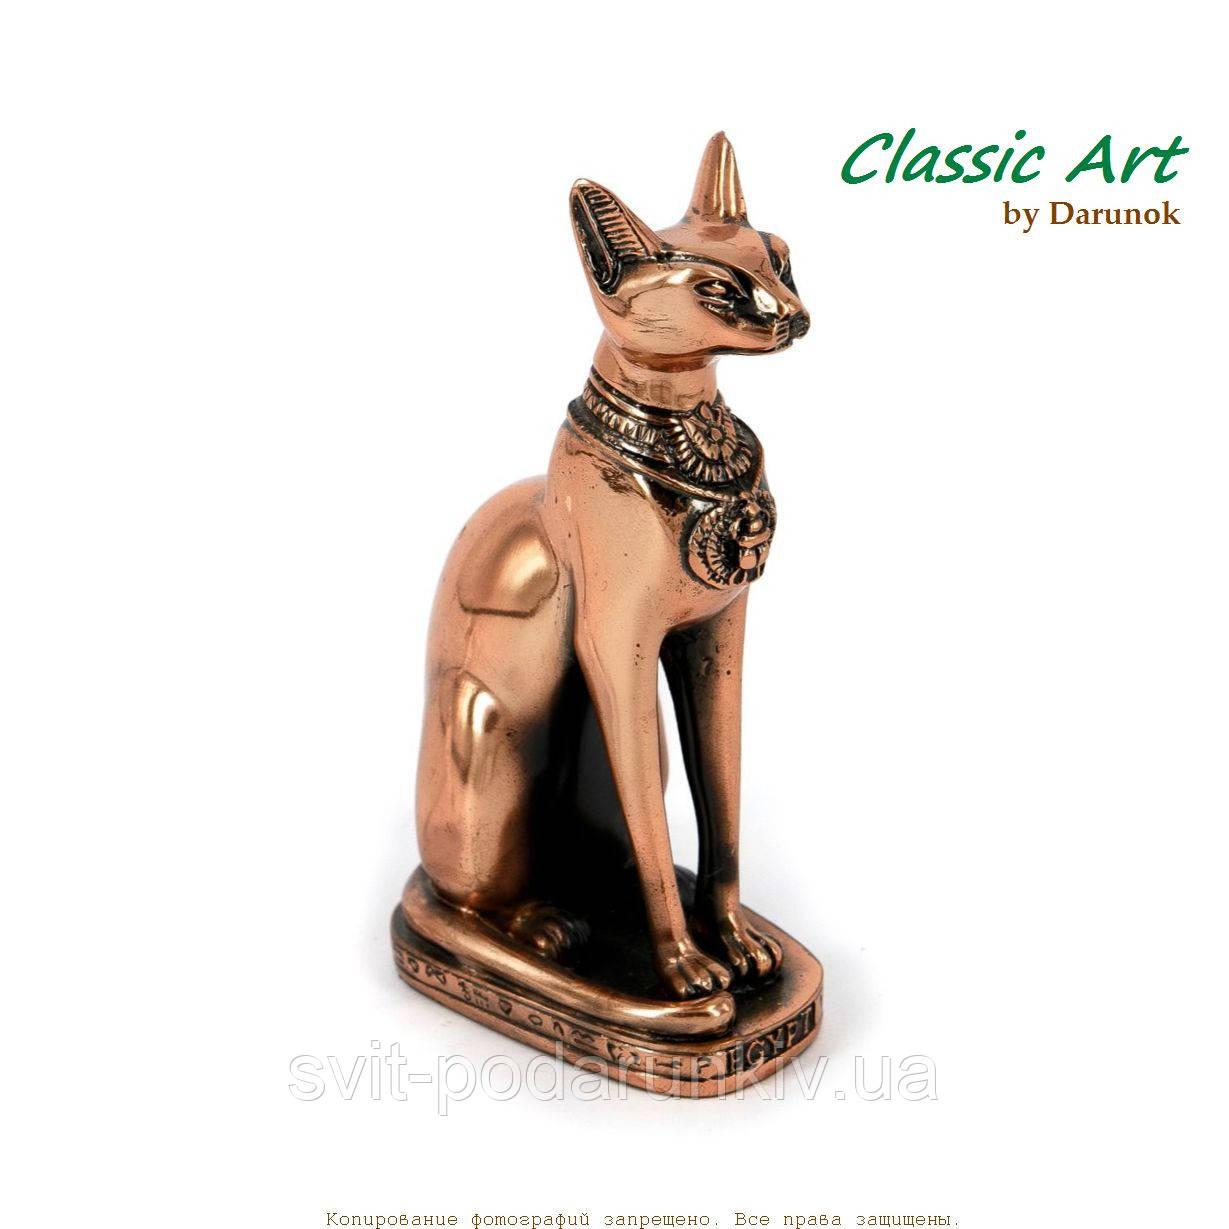 Сувенир египетской кошки приносящий радость и защищающий дом EES201